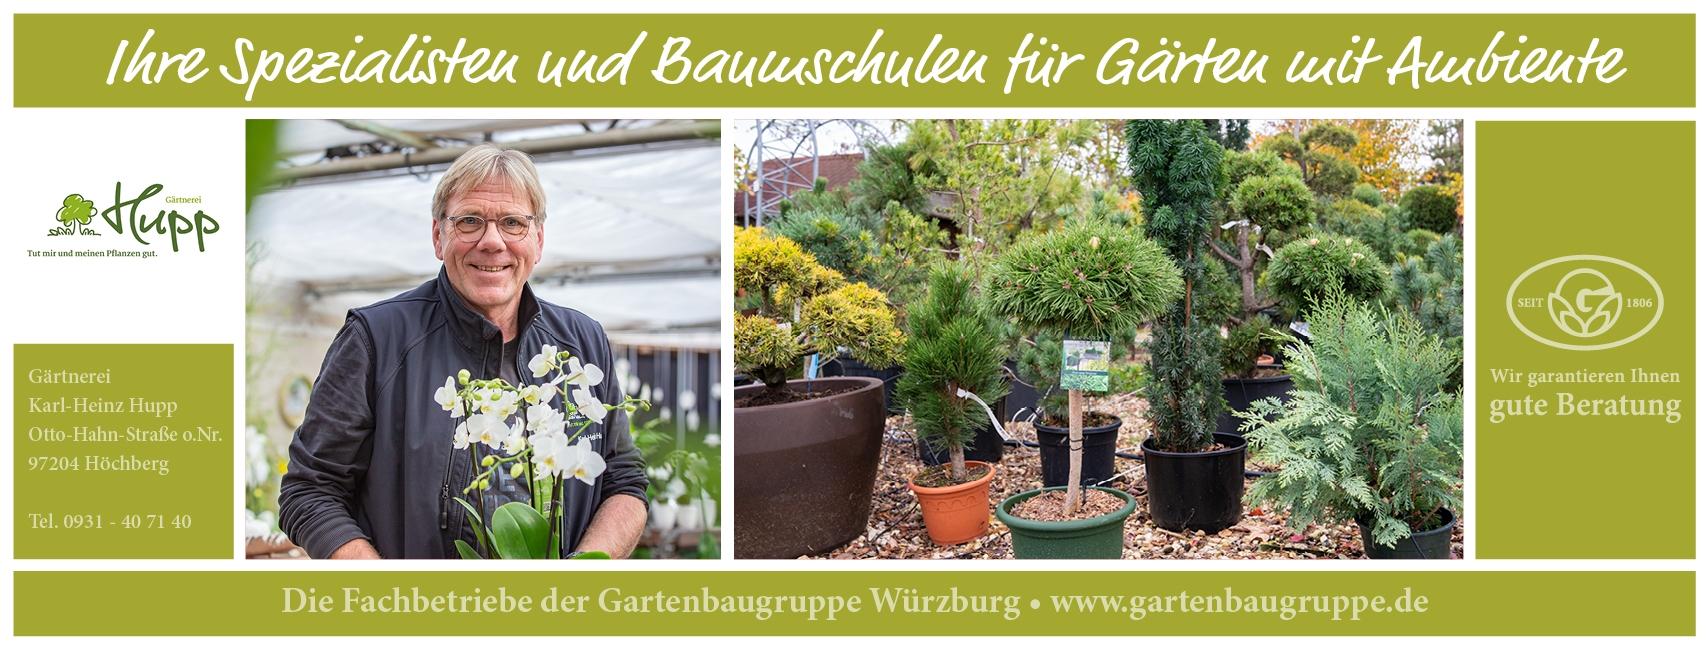 Gärtnerei Hupp - Gartenbaugruppe Würzburg